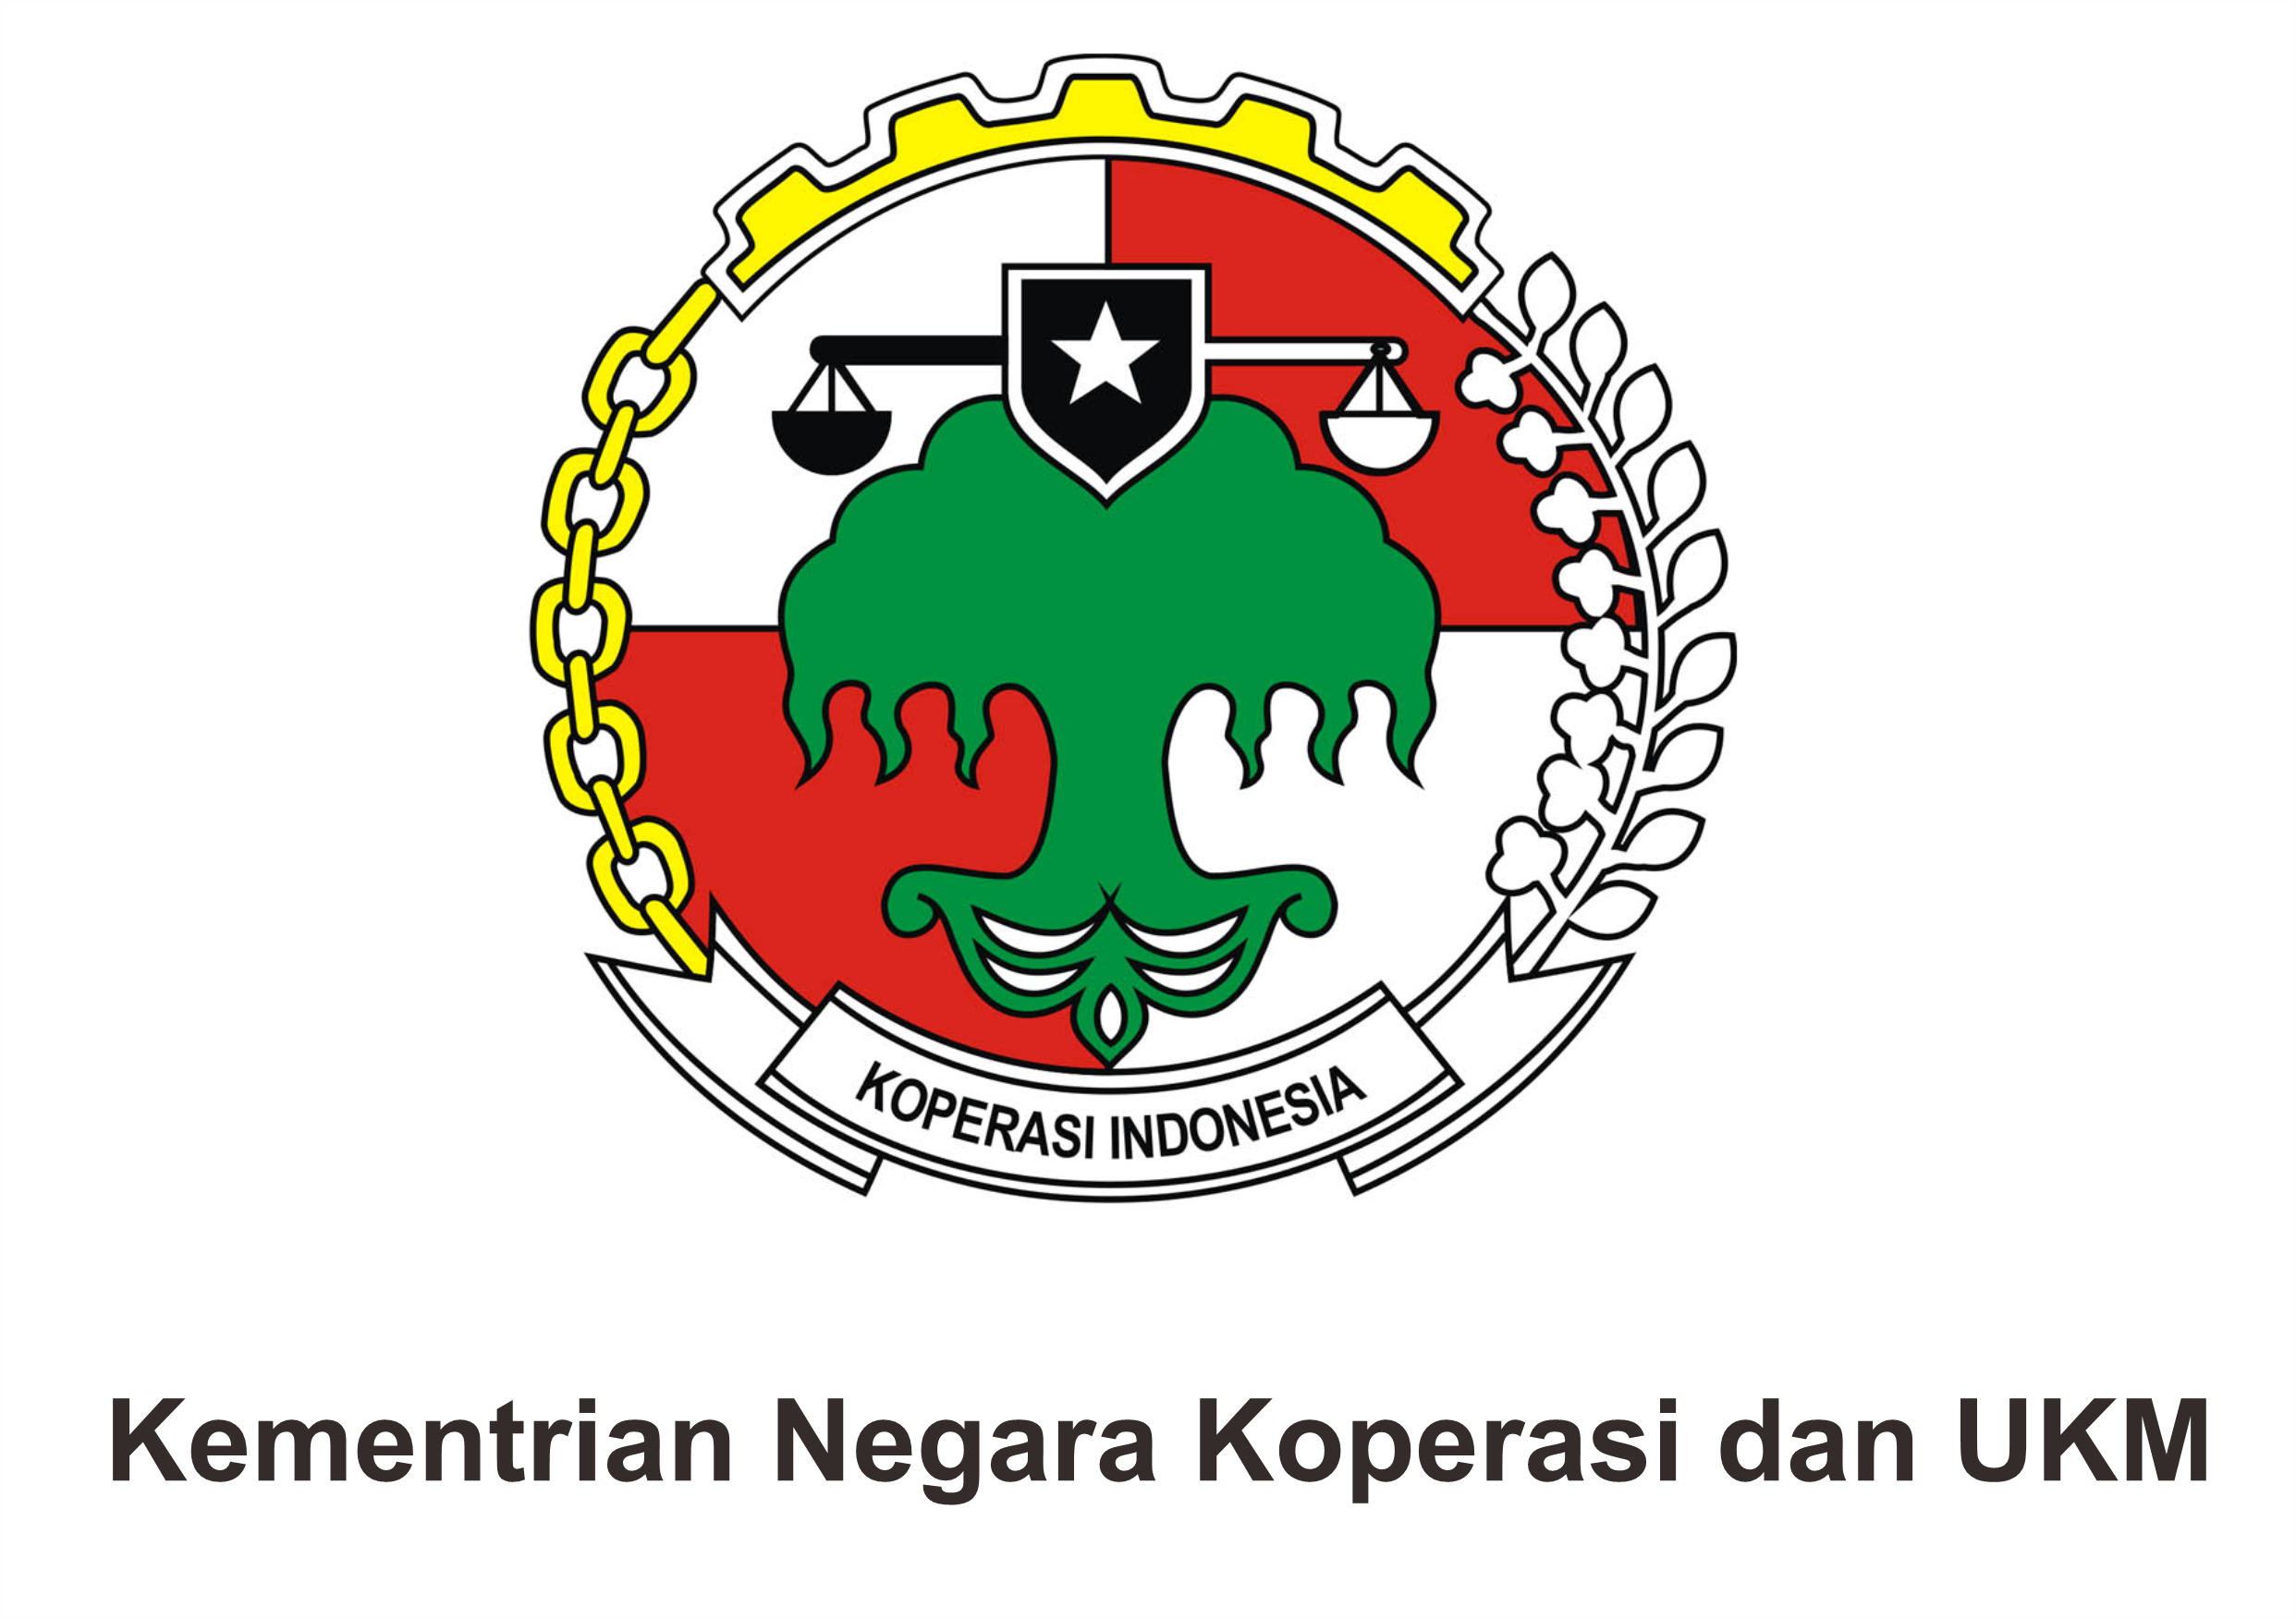 Kementrian Negara Koperasi dan UKM